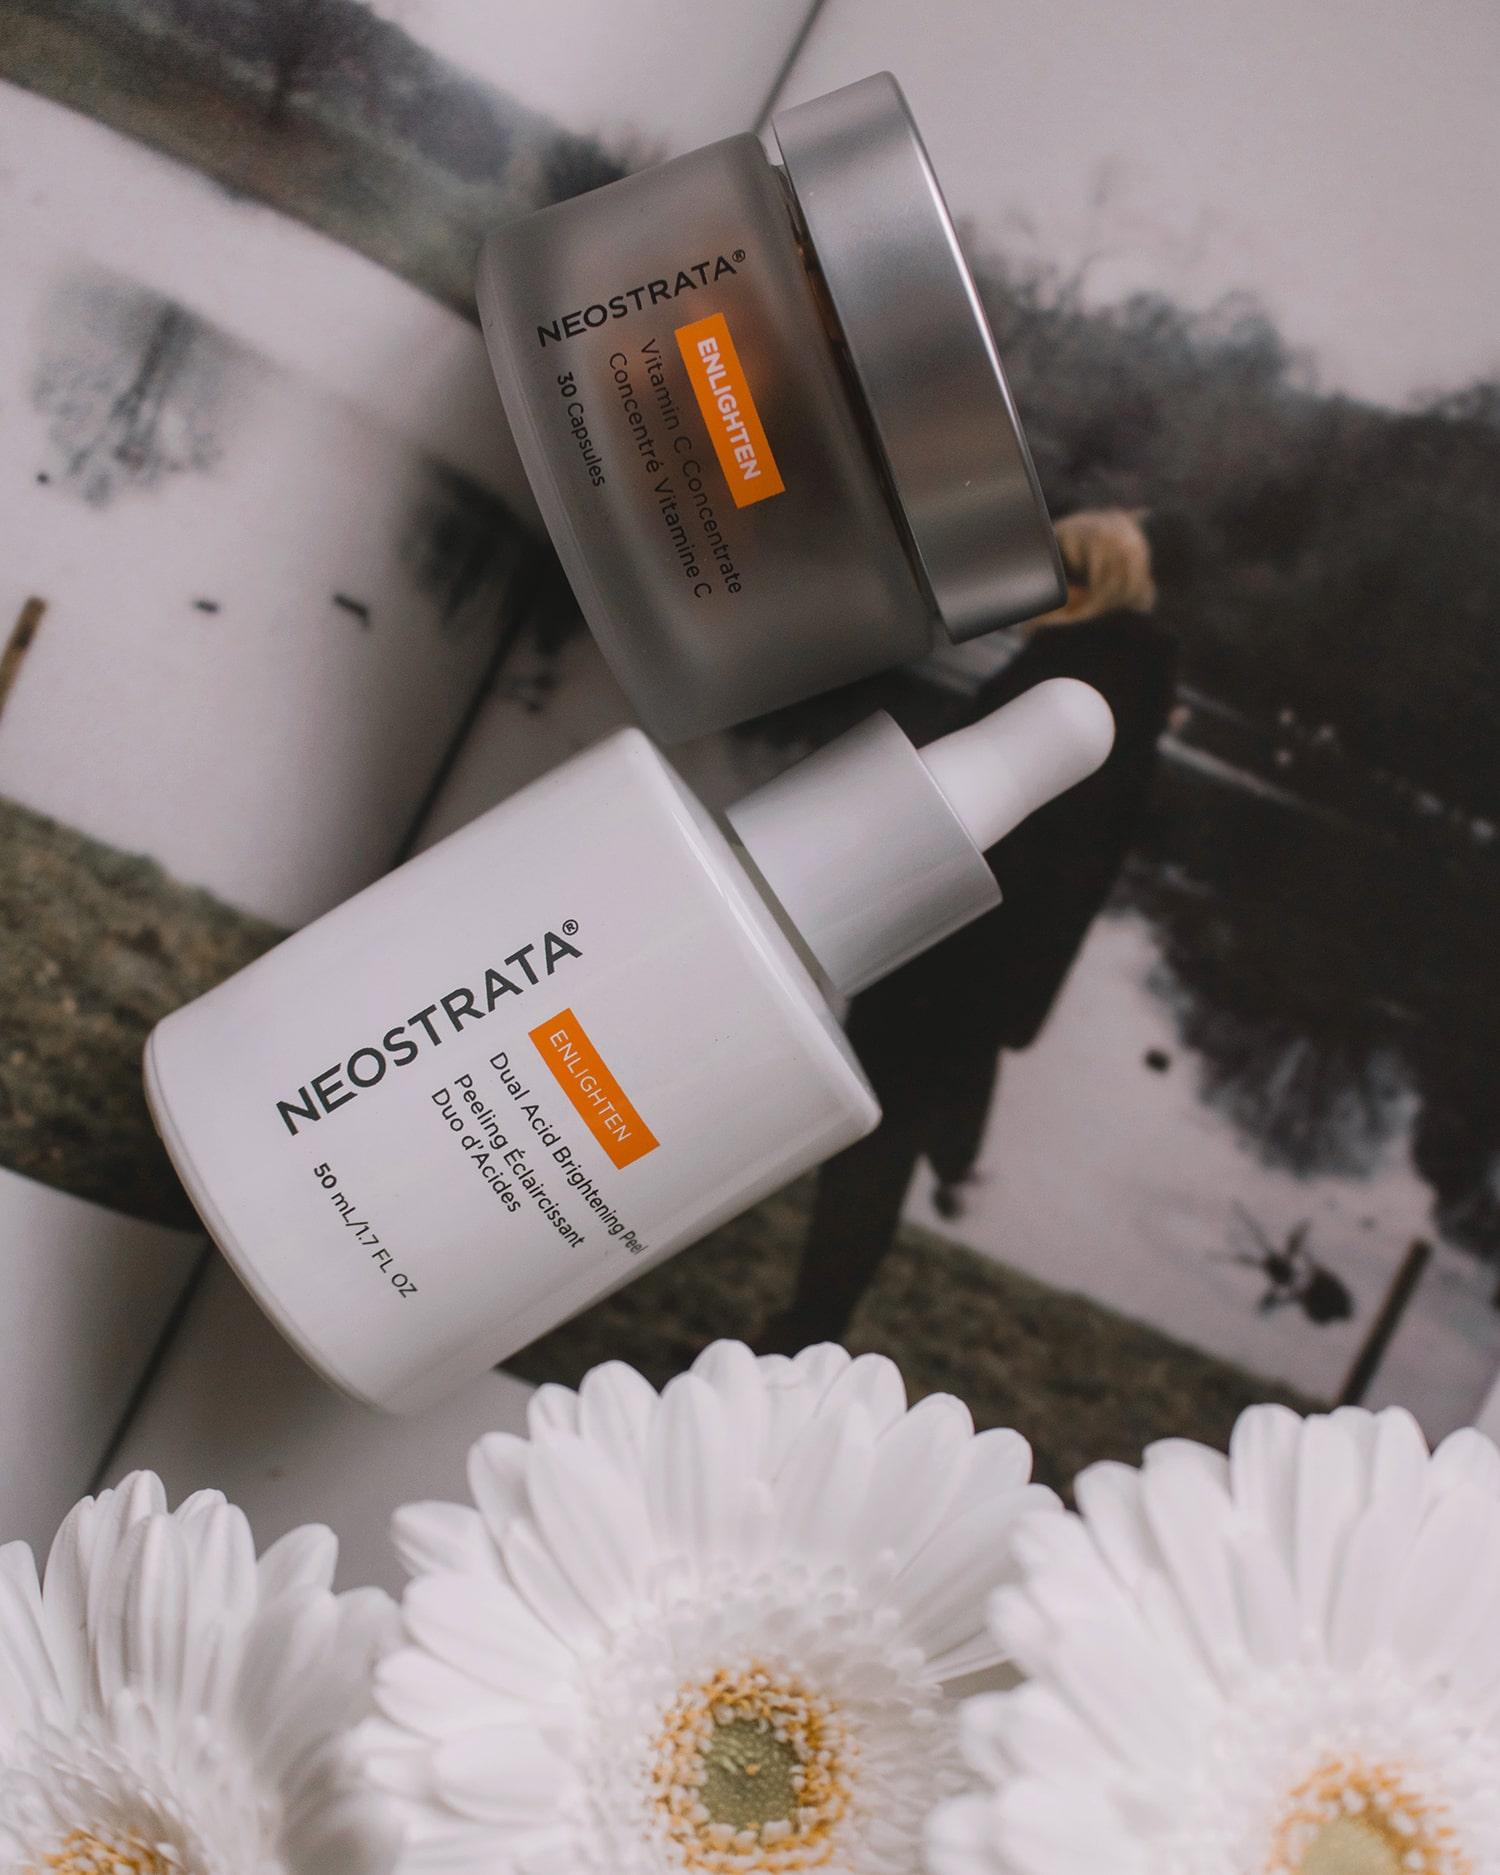 Neostrada Enlighten products